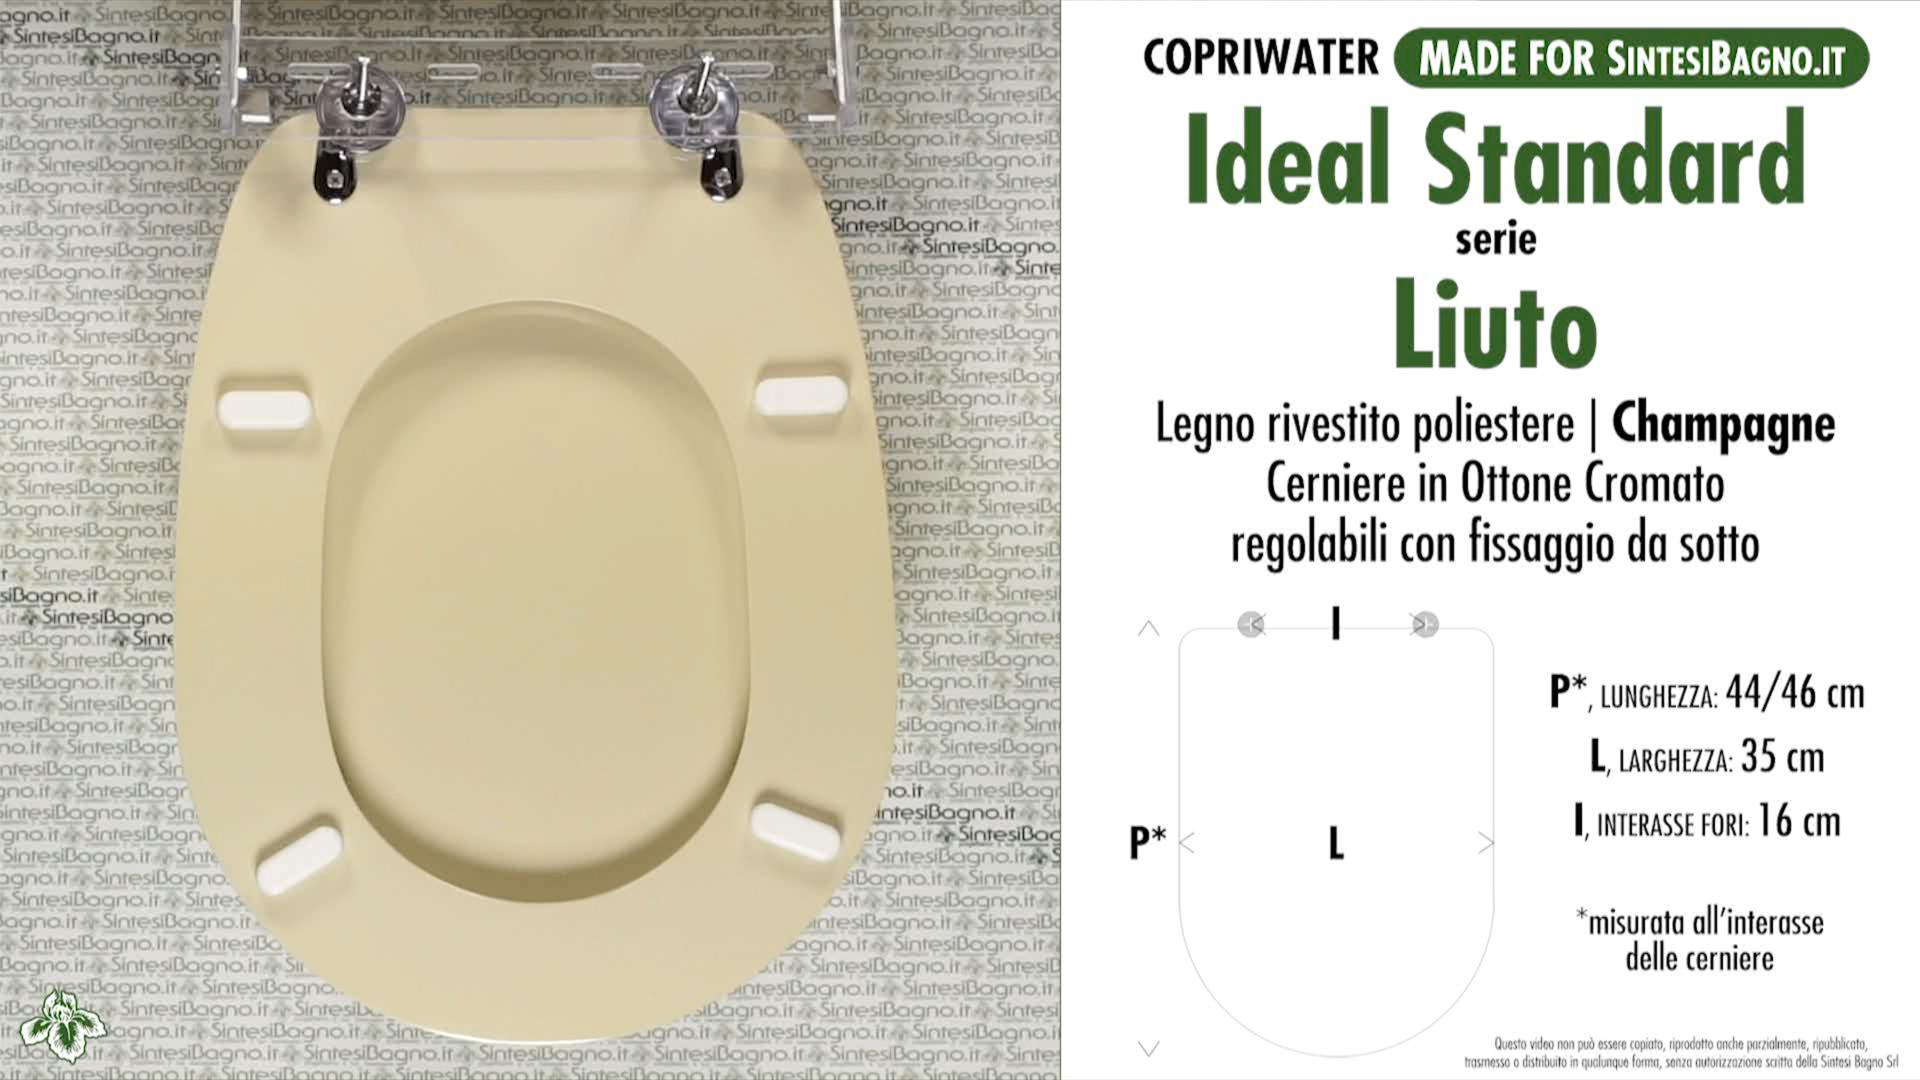 Massima qualita Garantita Copriwater dedicato per Serie Liuto Ideal Standard in Resina Poliestere colata Bianco Lucido Coperchio Sedile tavoletta per WC